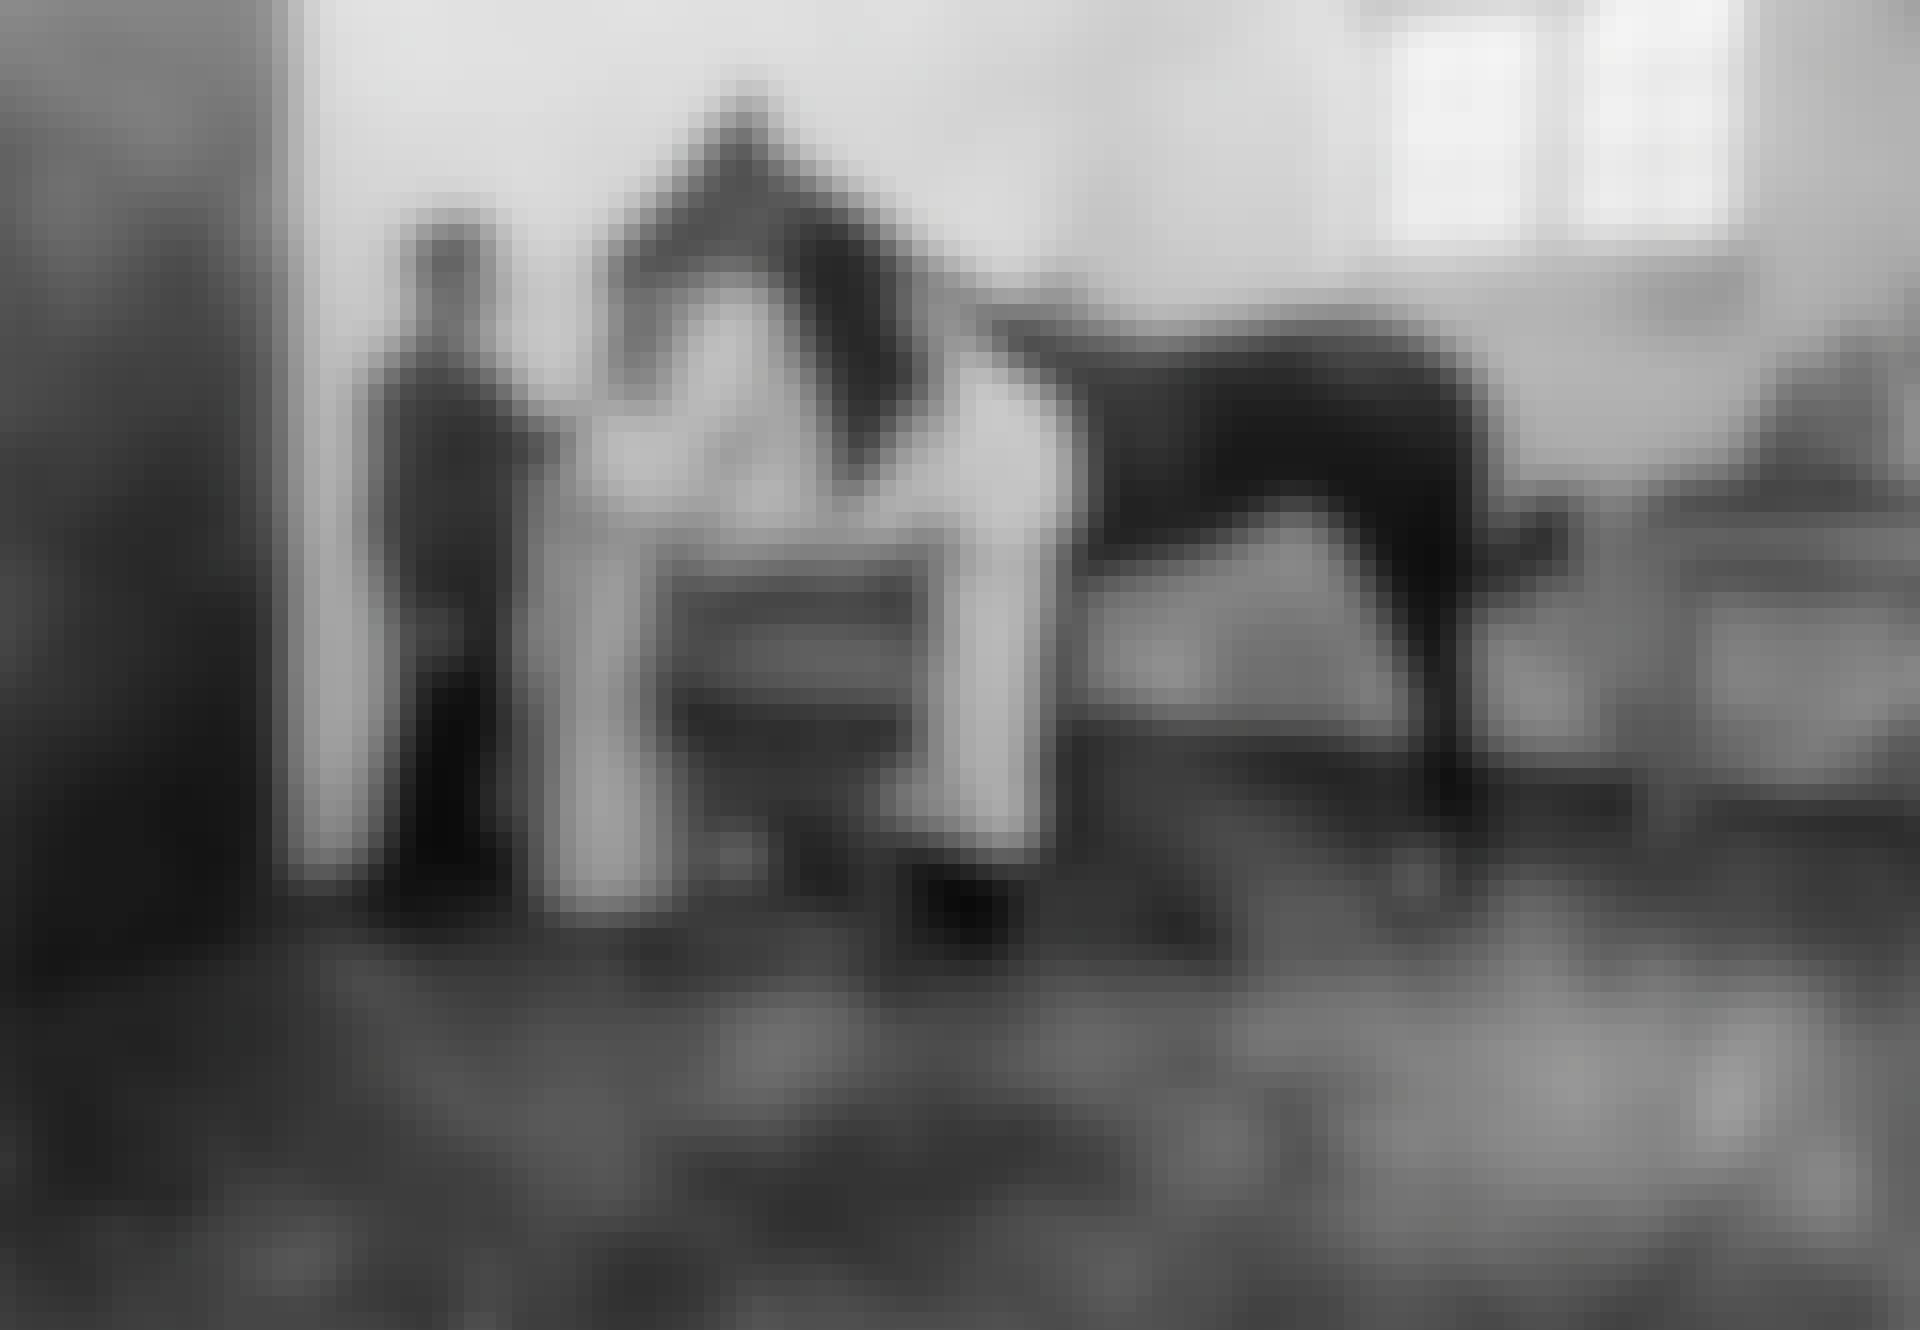 Læger årelader en hest for at finde kuren mod difteri.